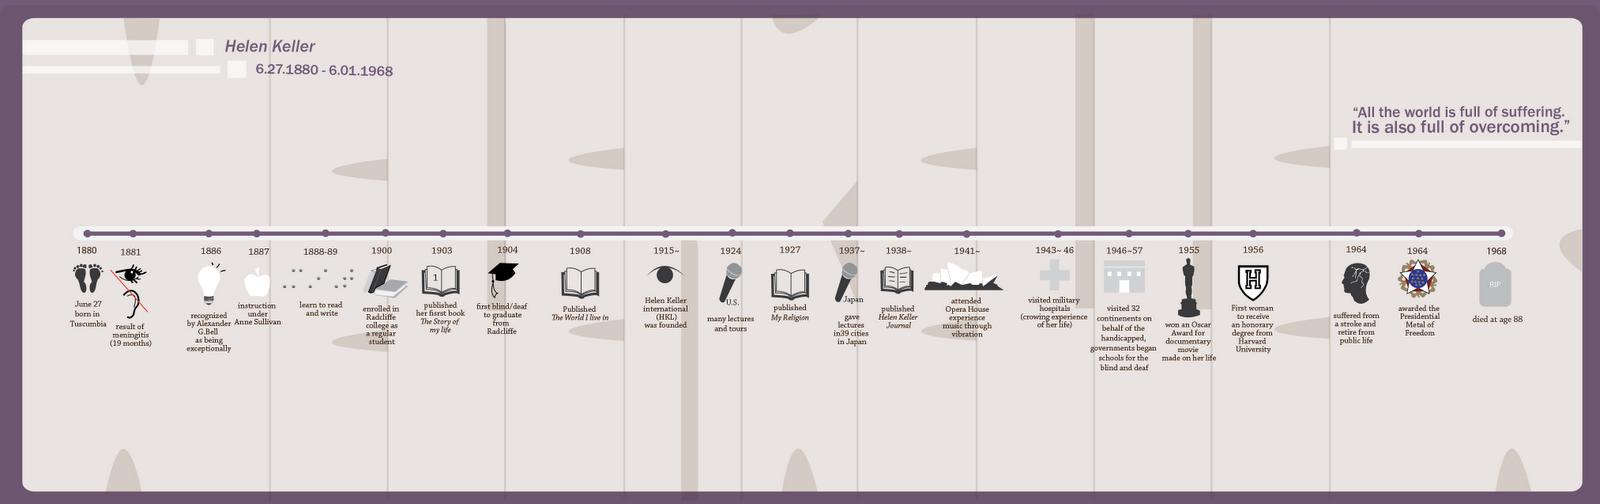 helen keller biography timeline pin story timeline graphic organizer on pinterest. Black Bedroom Furniture Sets. Home Design Ideas